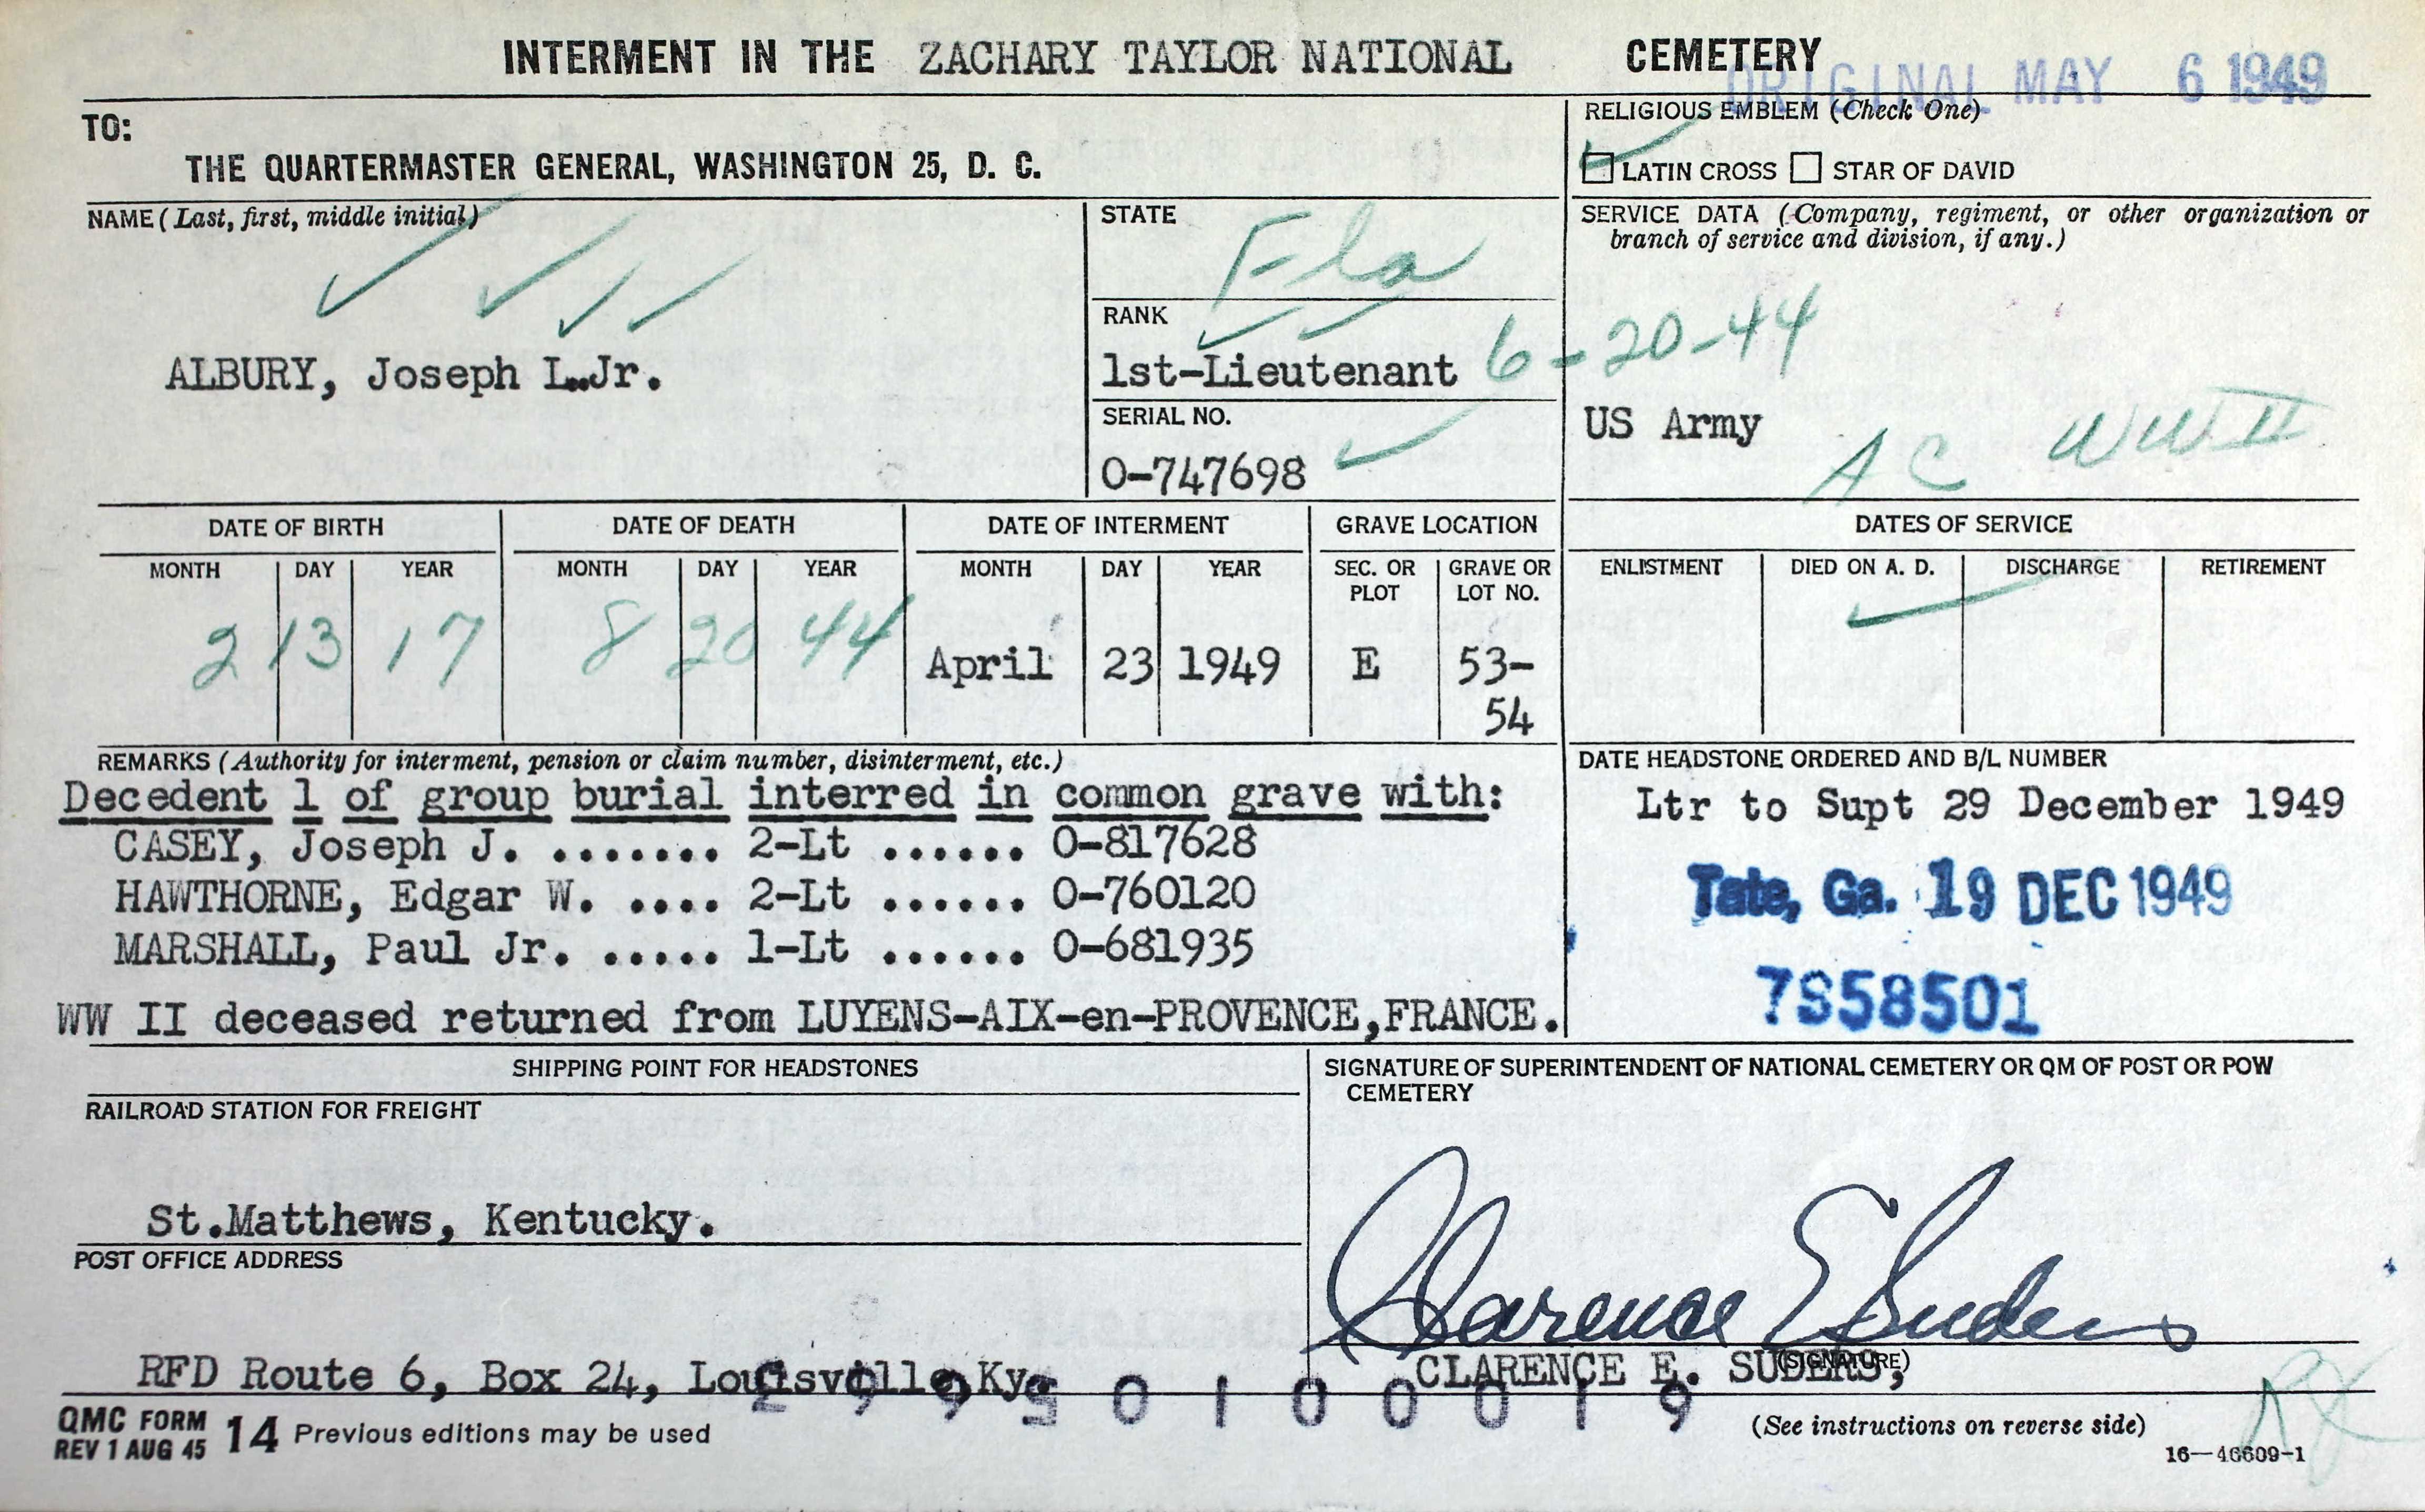 dade county cemetery records circa 1945